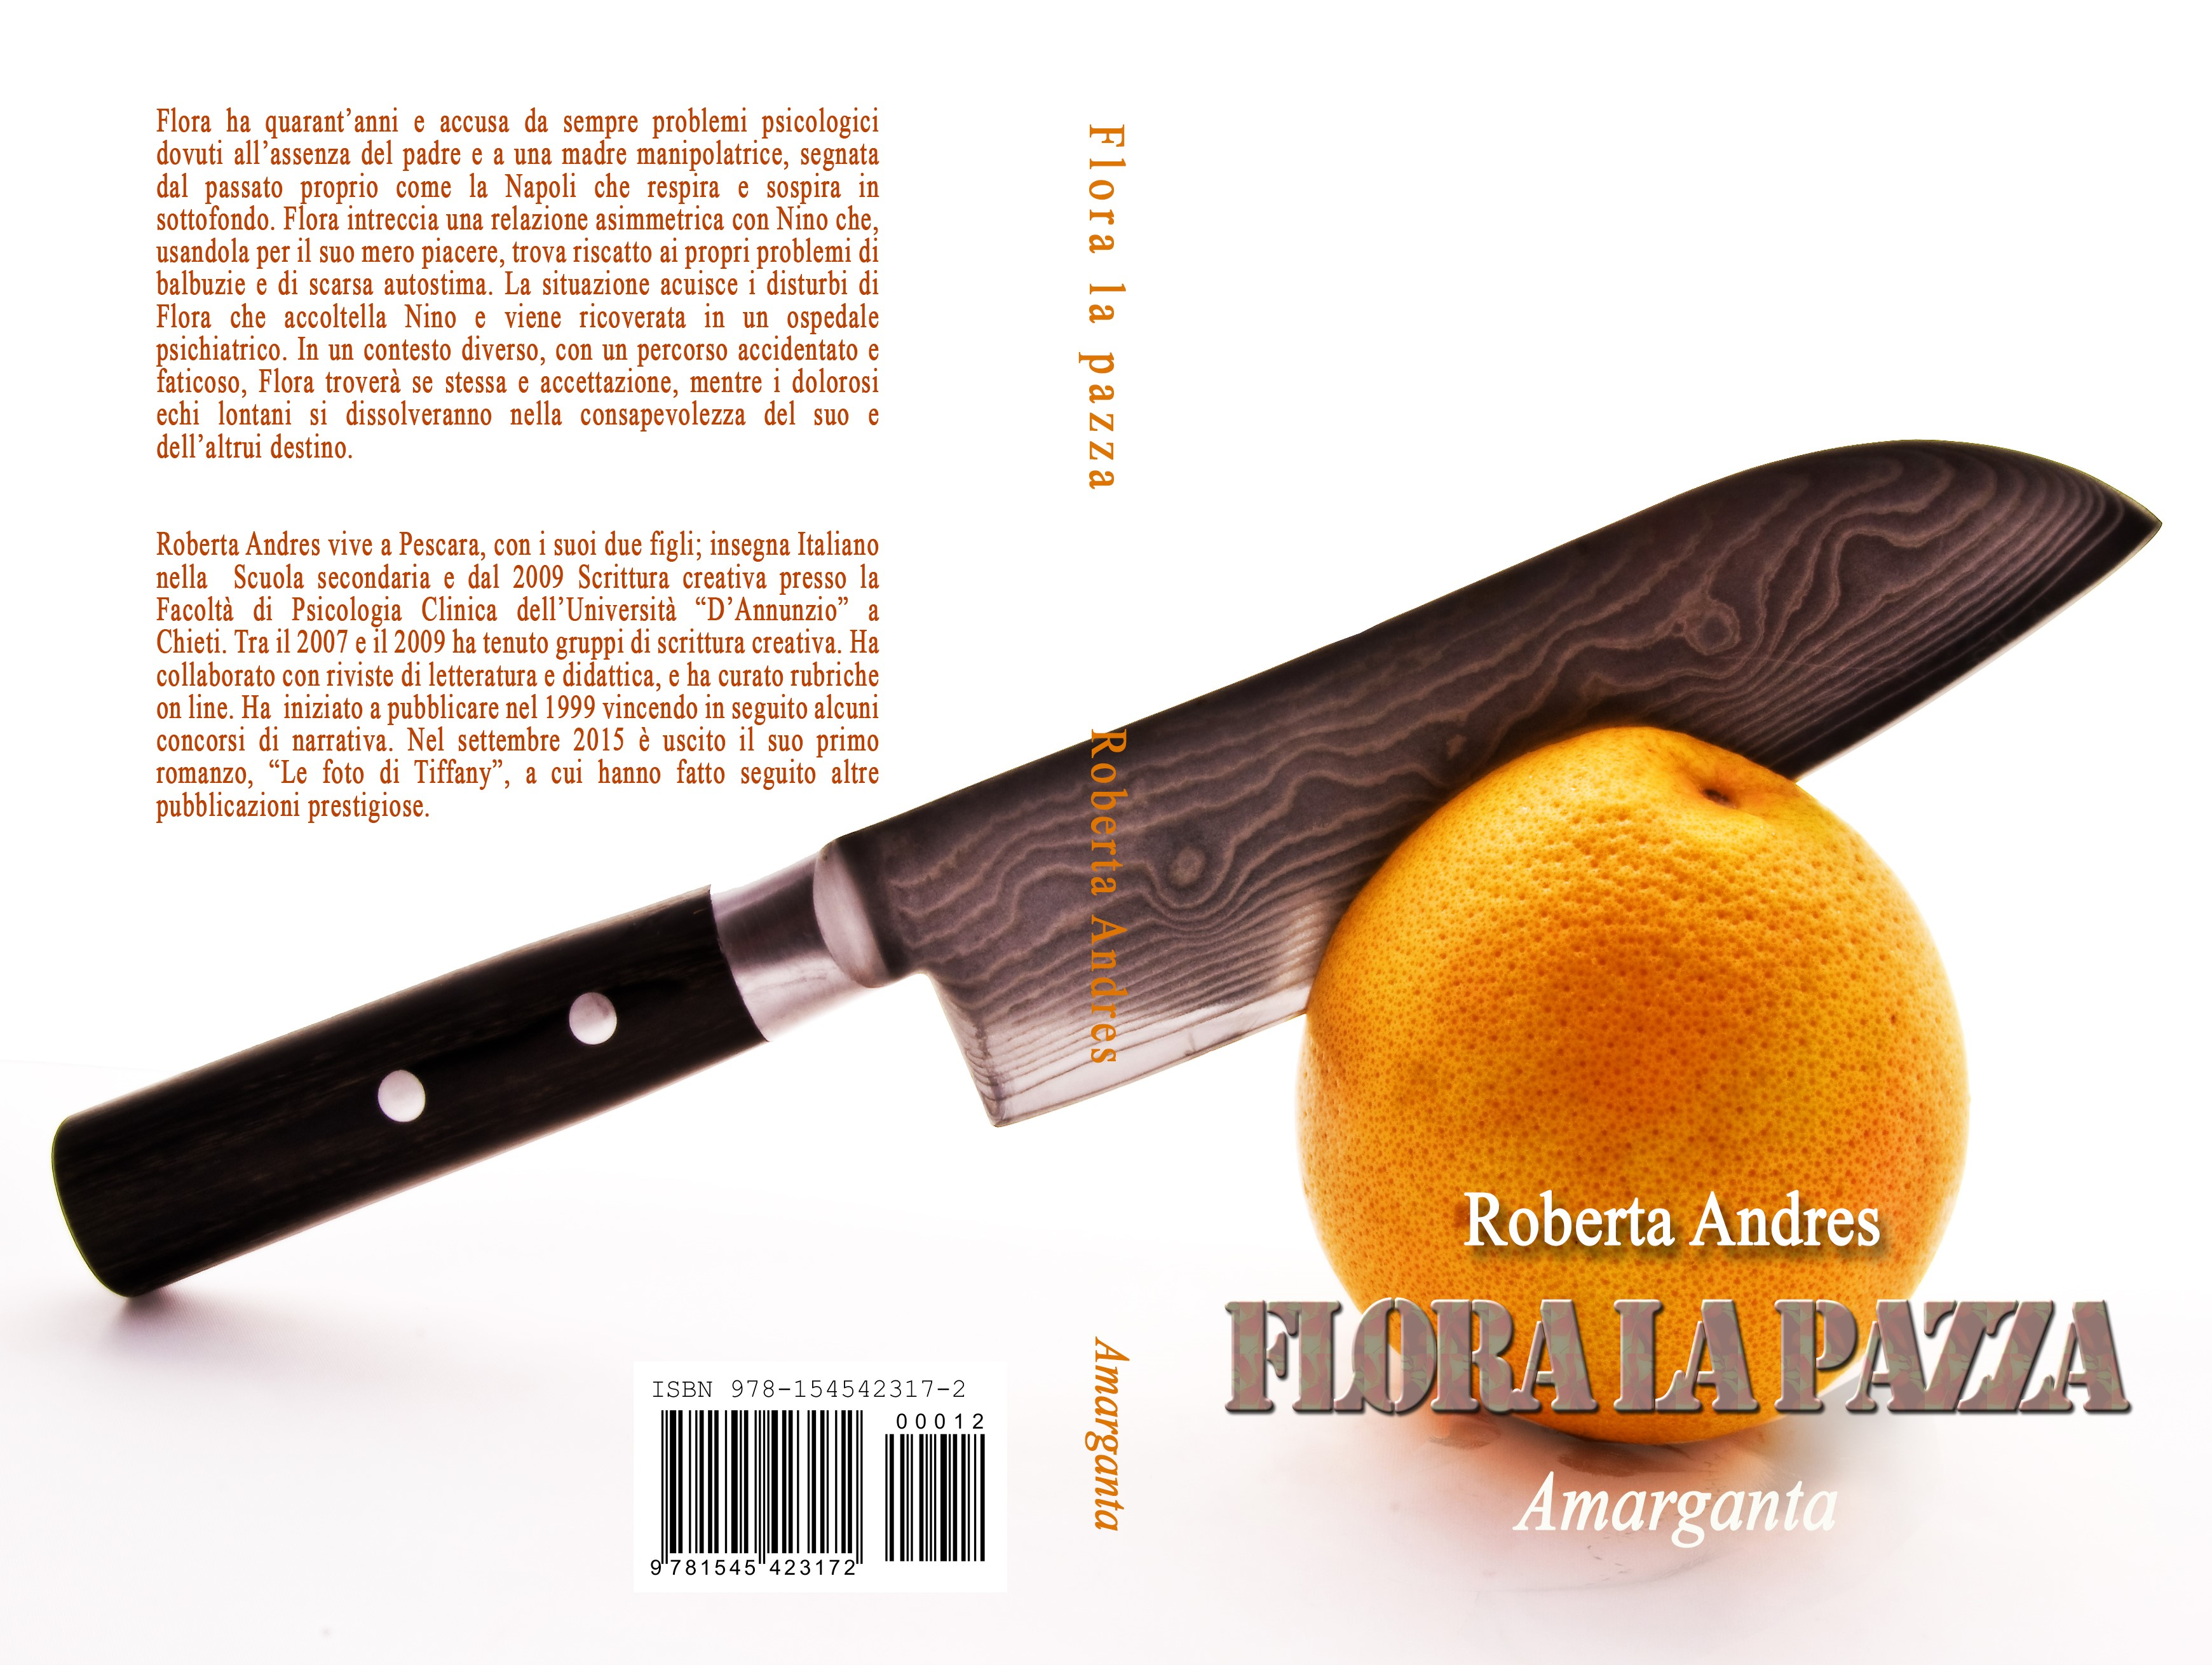 Flora la pazza amazon Facebook libro